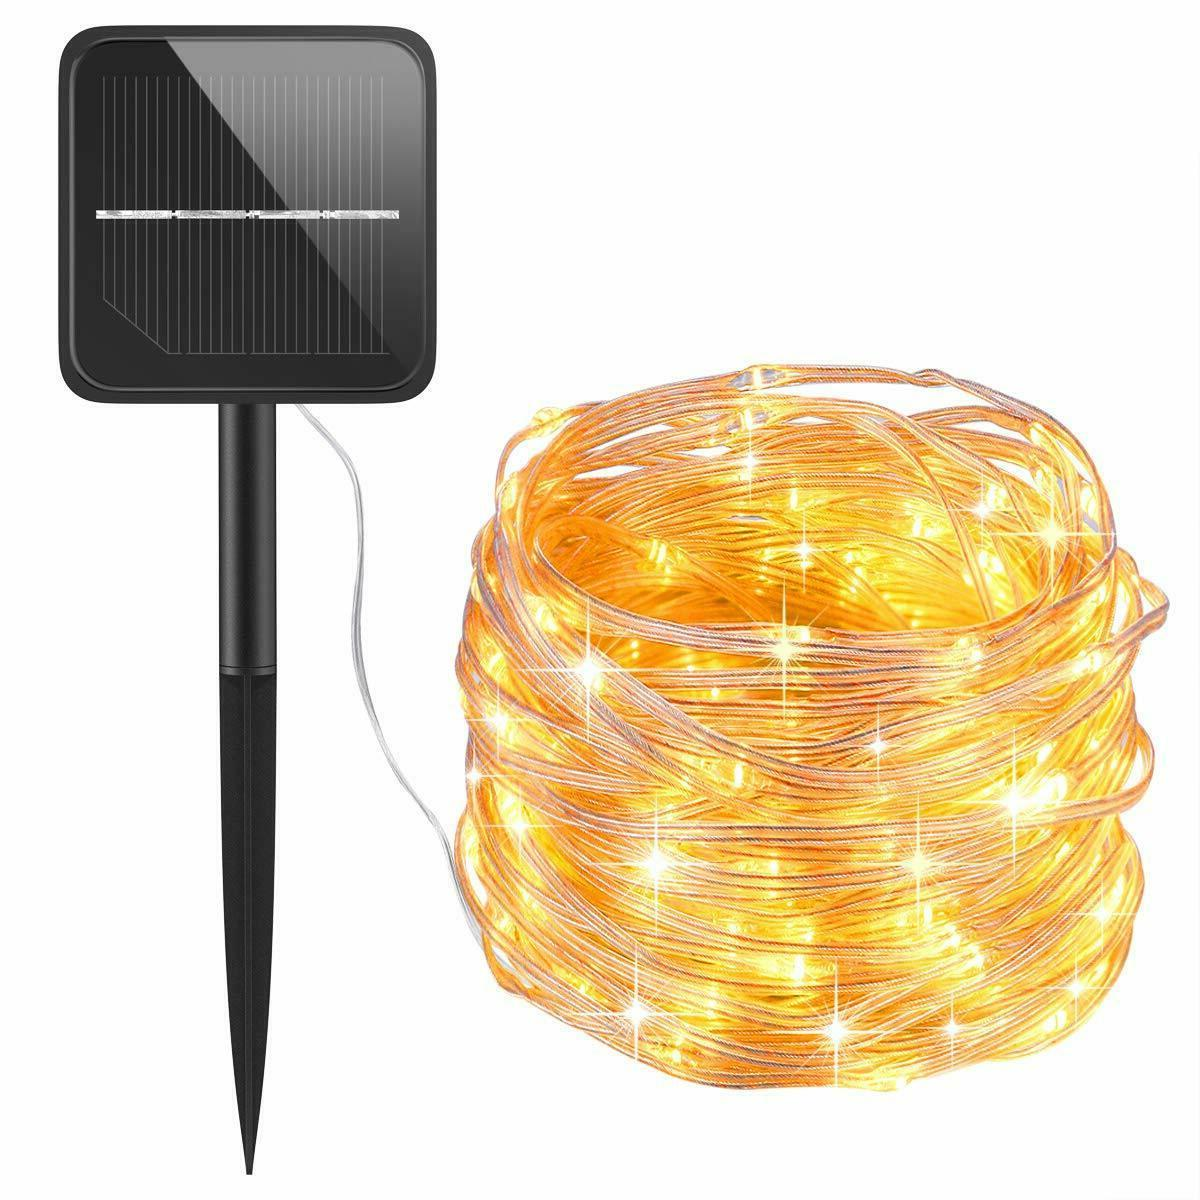 100 led lights 8 modes solar curtain